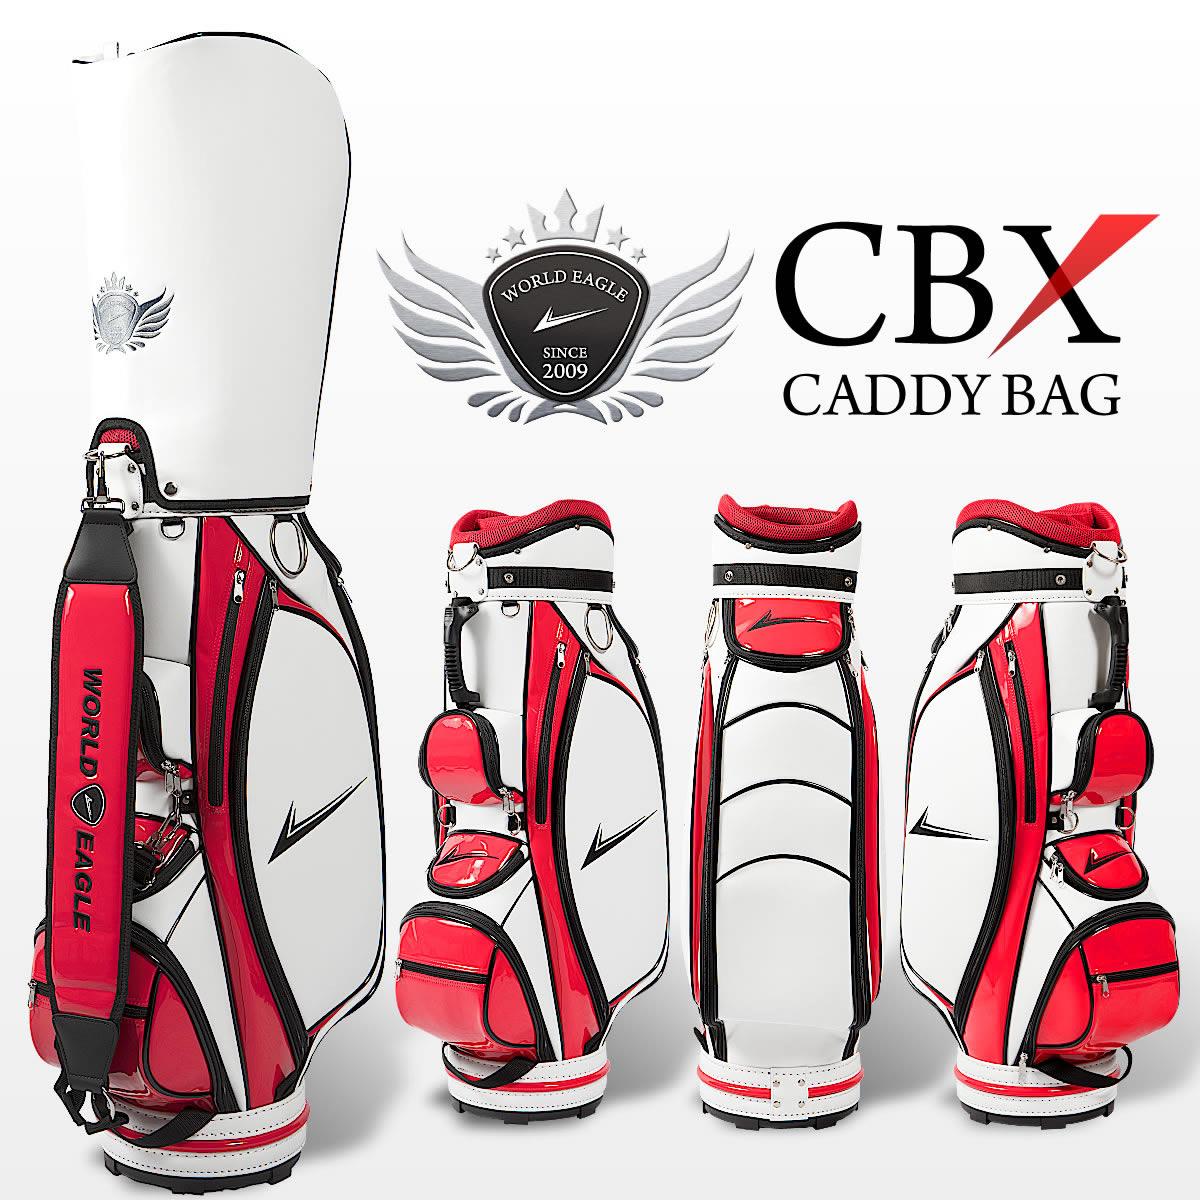 軽量ゴルフバッグ ワールドイーグル キャディバッグ ホワイト・レッド エナメルと刺繍がかっこいいカートバッグ 収納多数ポケット10箇所 ショルダーベルト、フードカバーあり【あす楽】